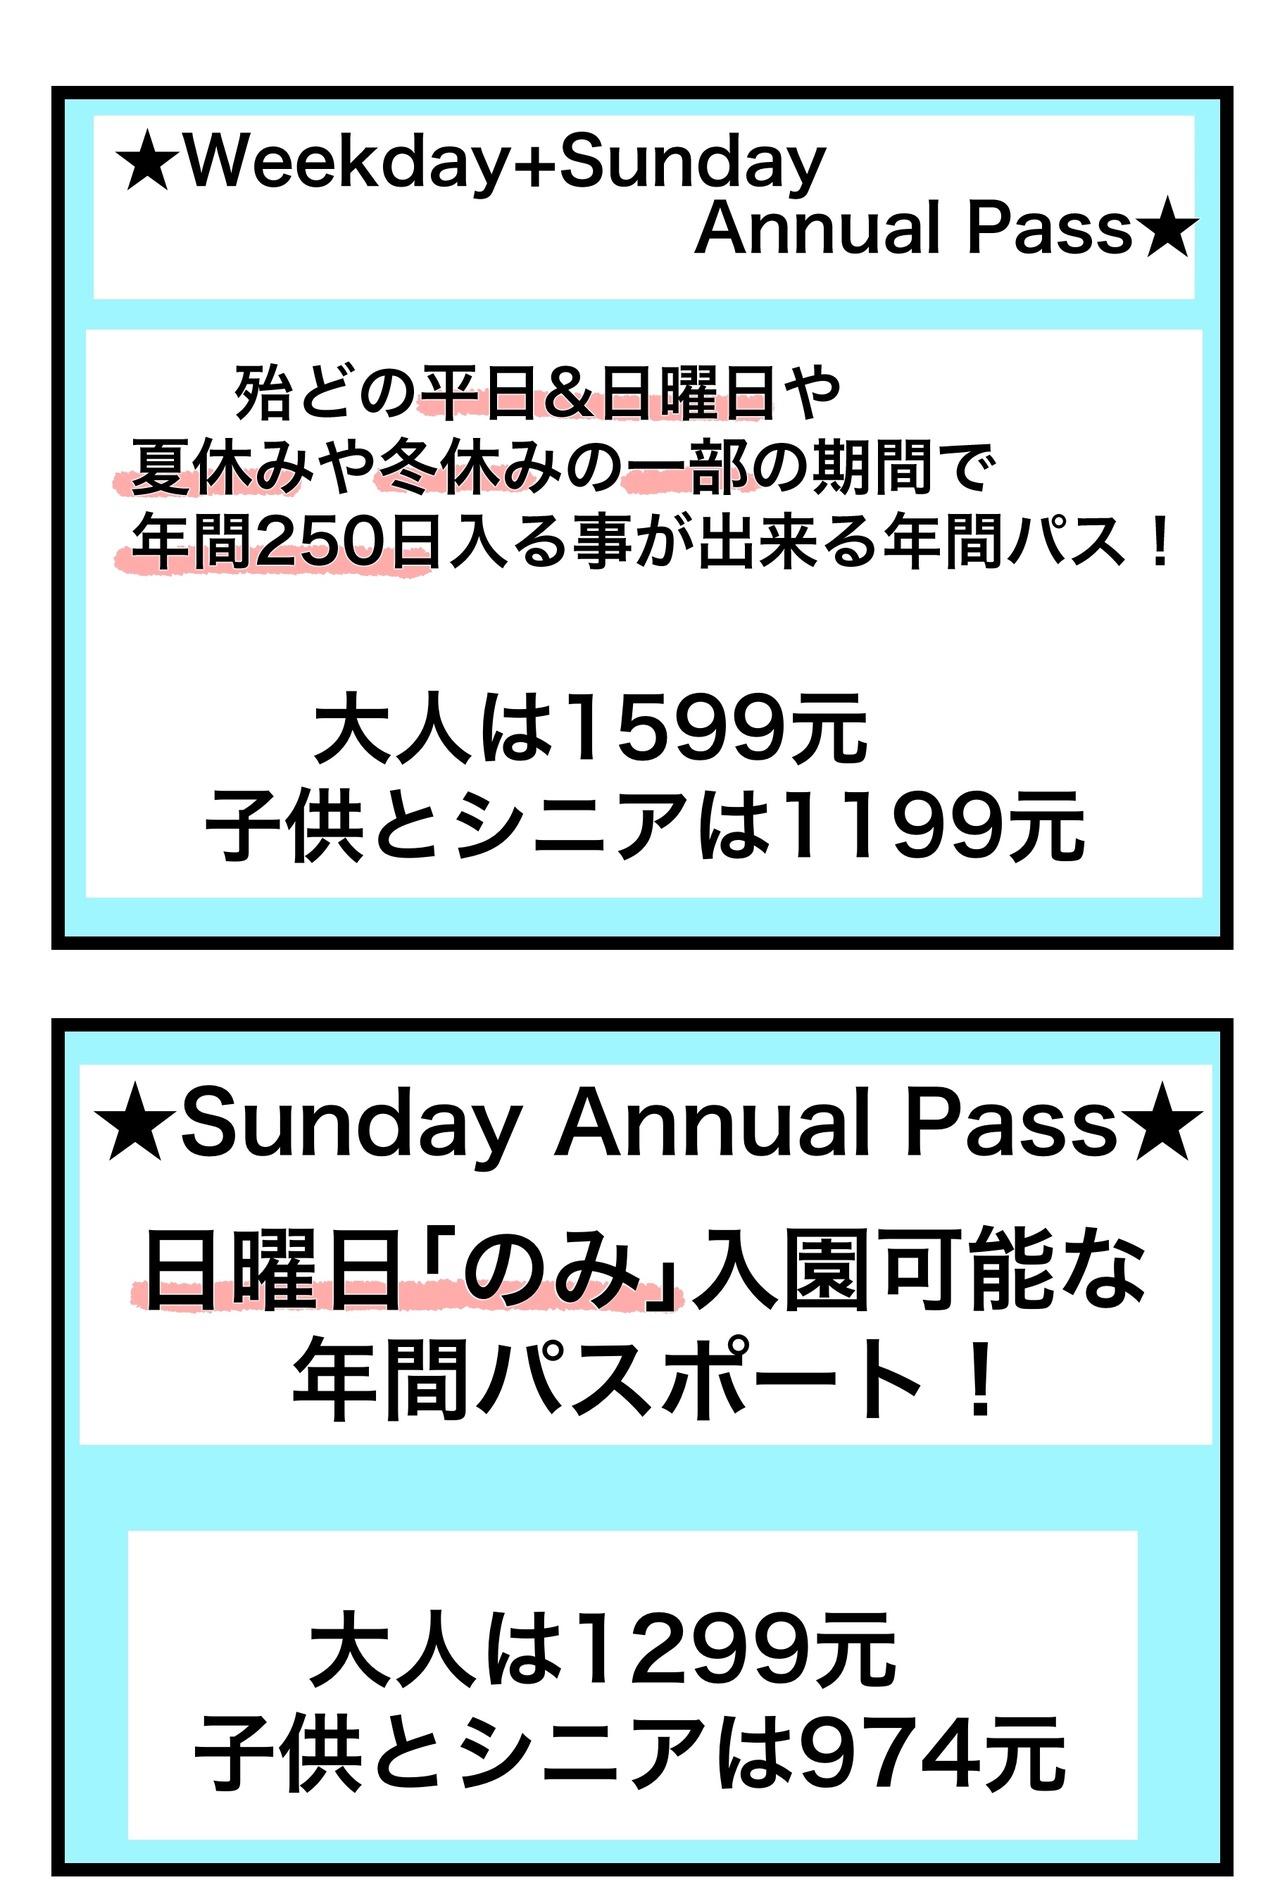 122A6F9C-179B-4248-B053-248CD8193C56